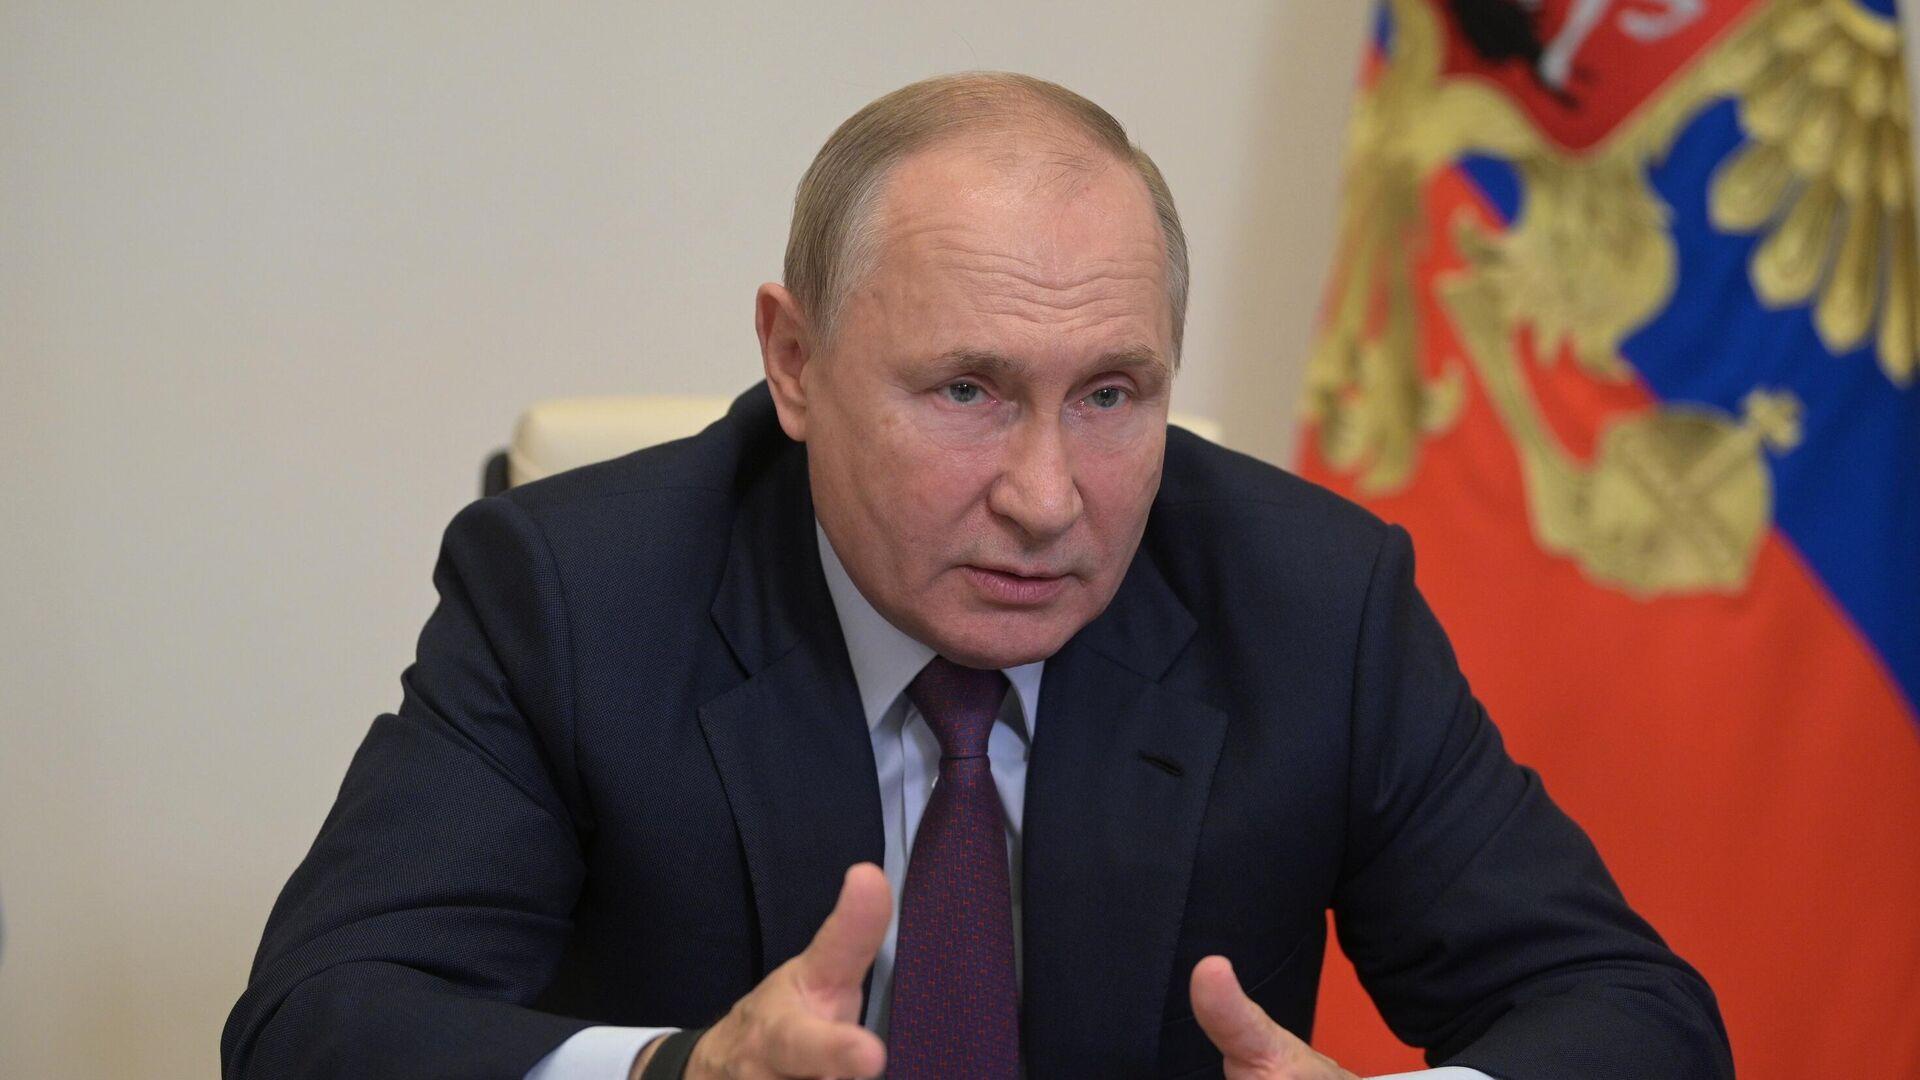 Vladimir Poutine lors d'une réunion en duplex, le 27 septembre 2021 - Sputnik France, 1920, 27.09.2021